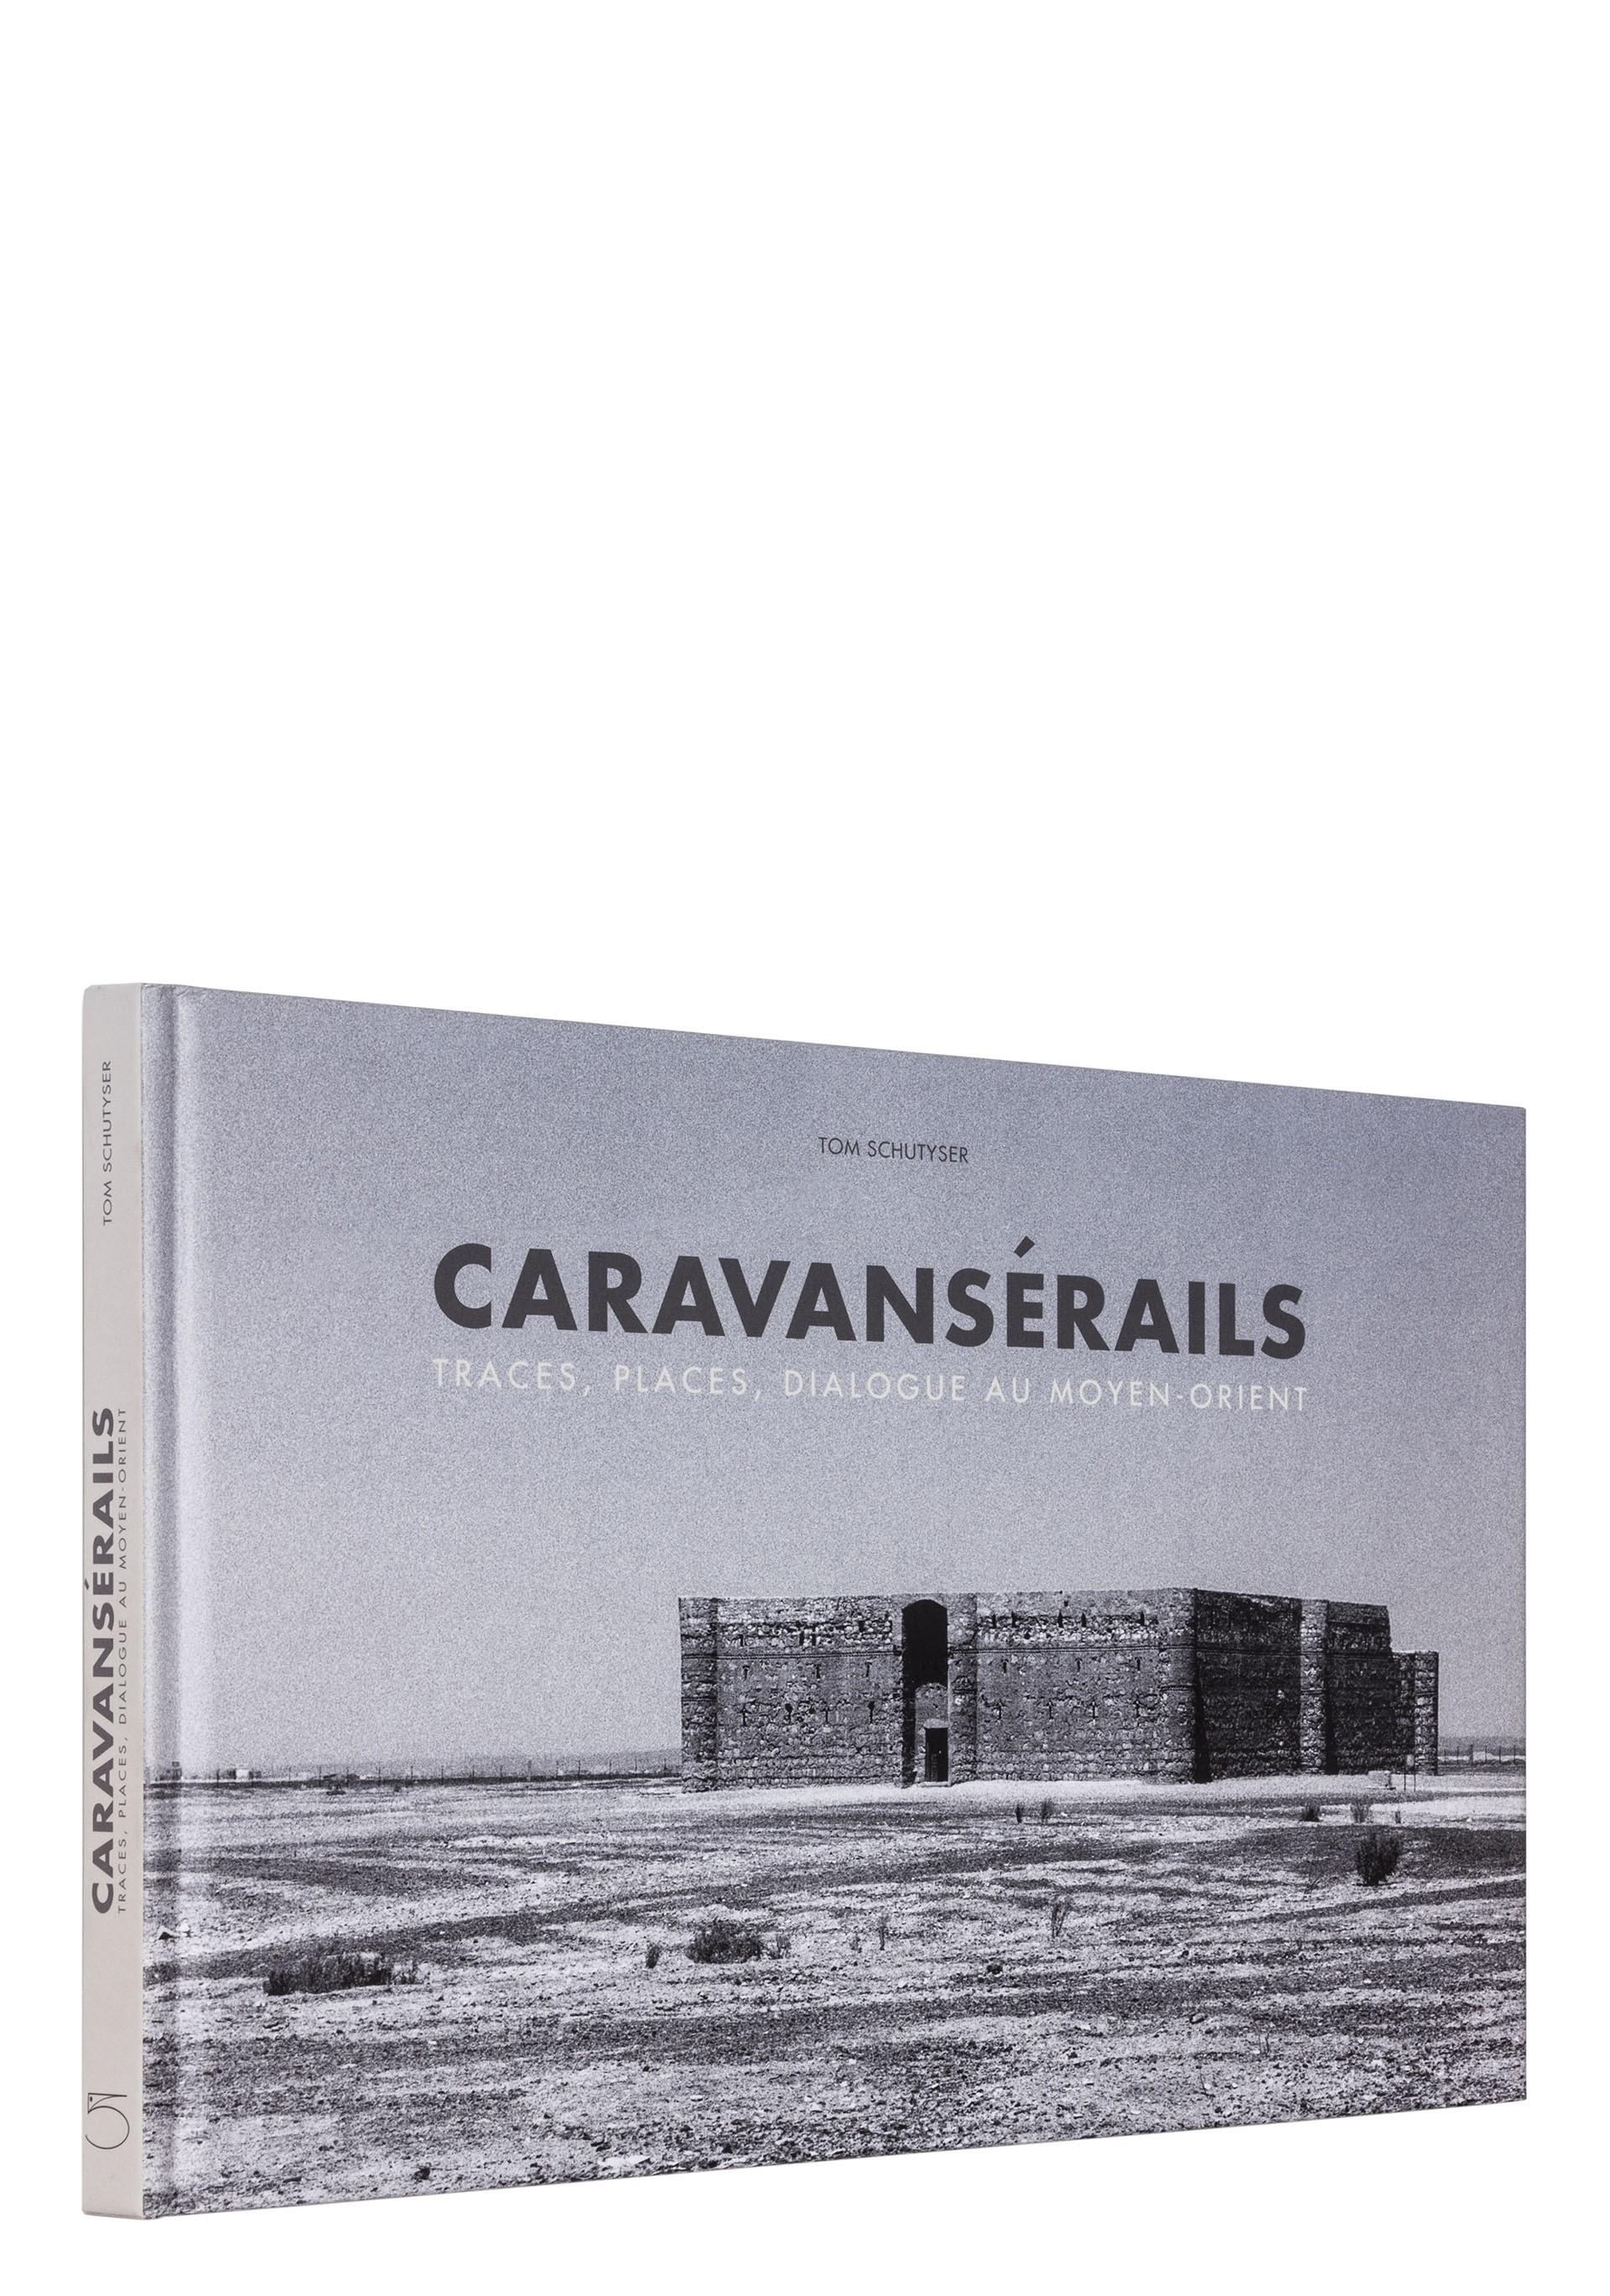 Caravansérails